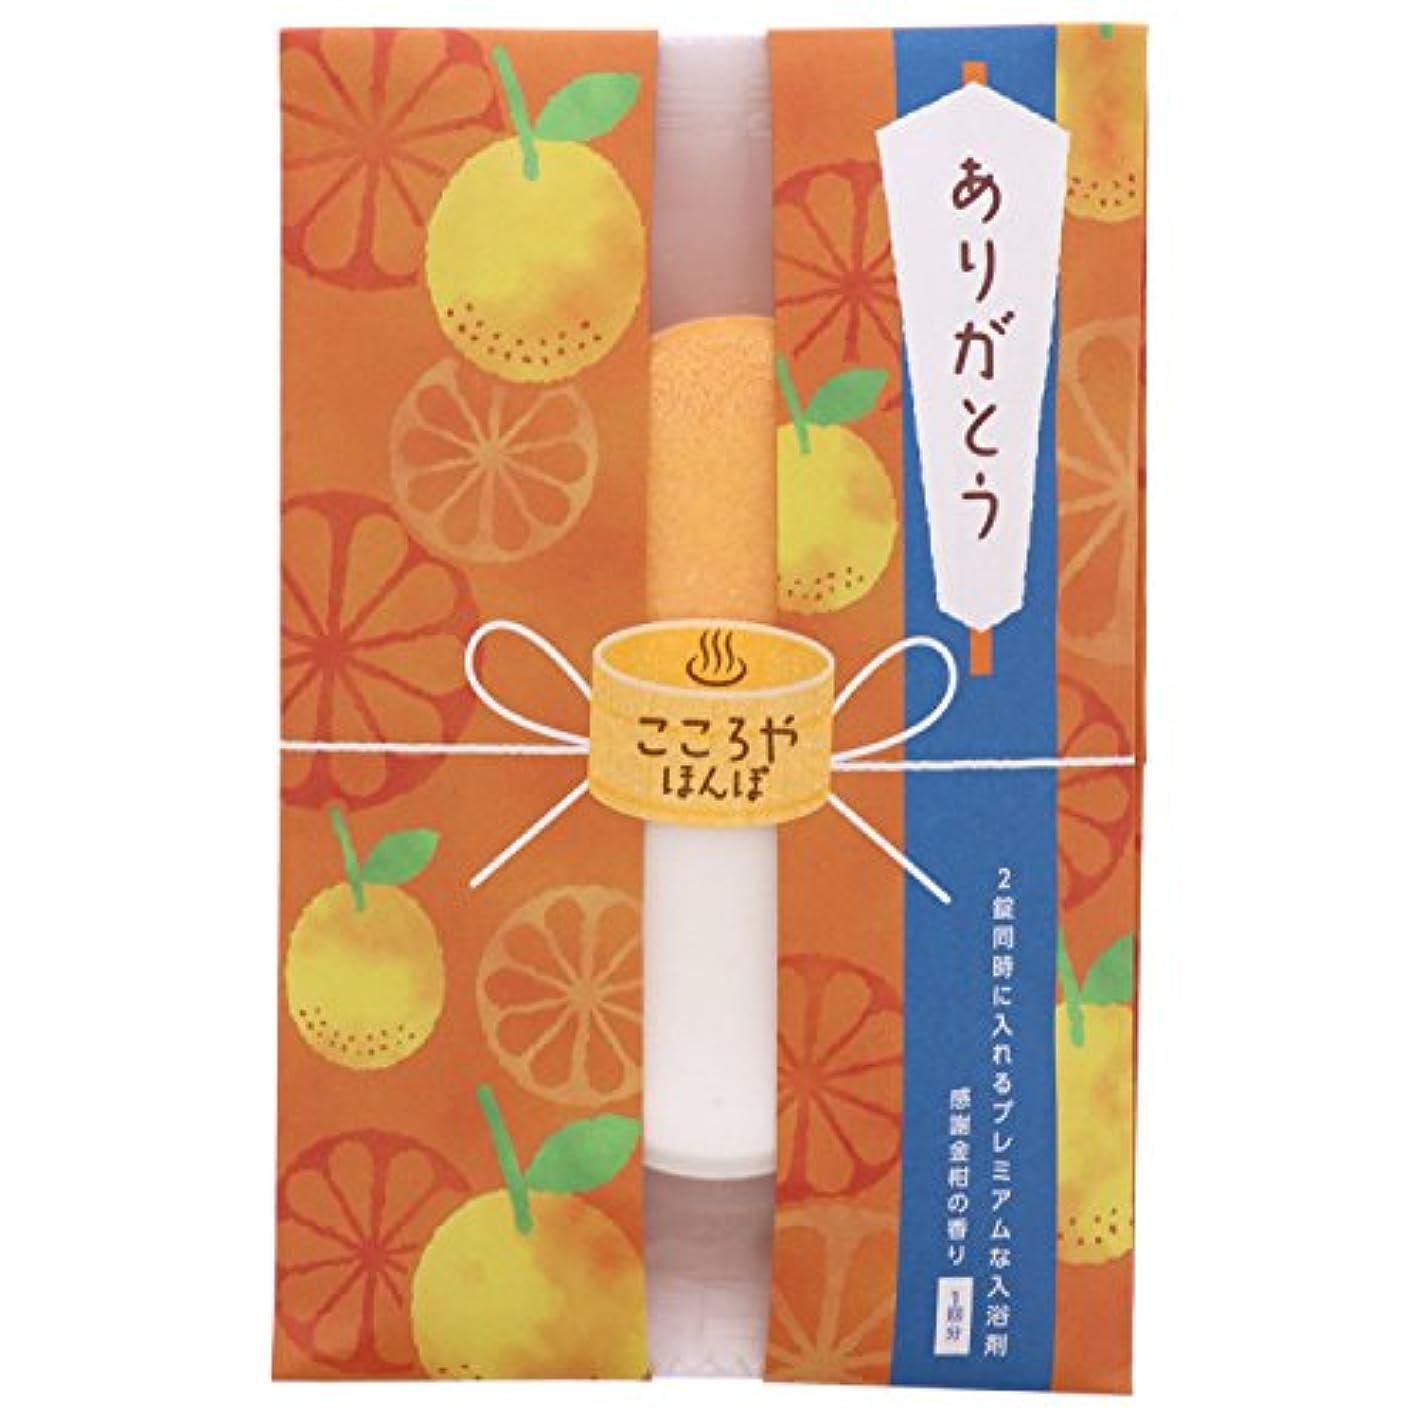 聖職者レトルトフォームこころやほんぽ カジュアルギフト 入浴剤 ありがとう 金柑の香り 50g